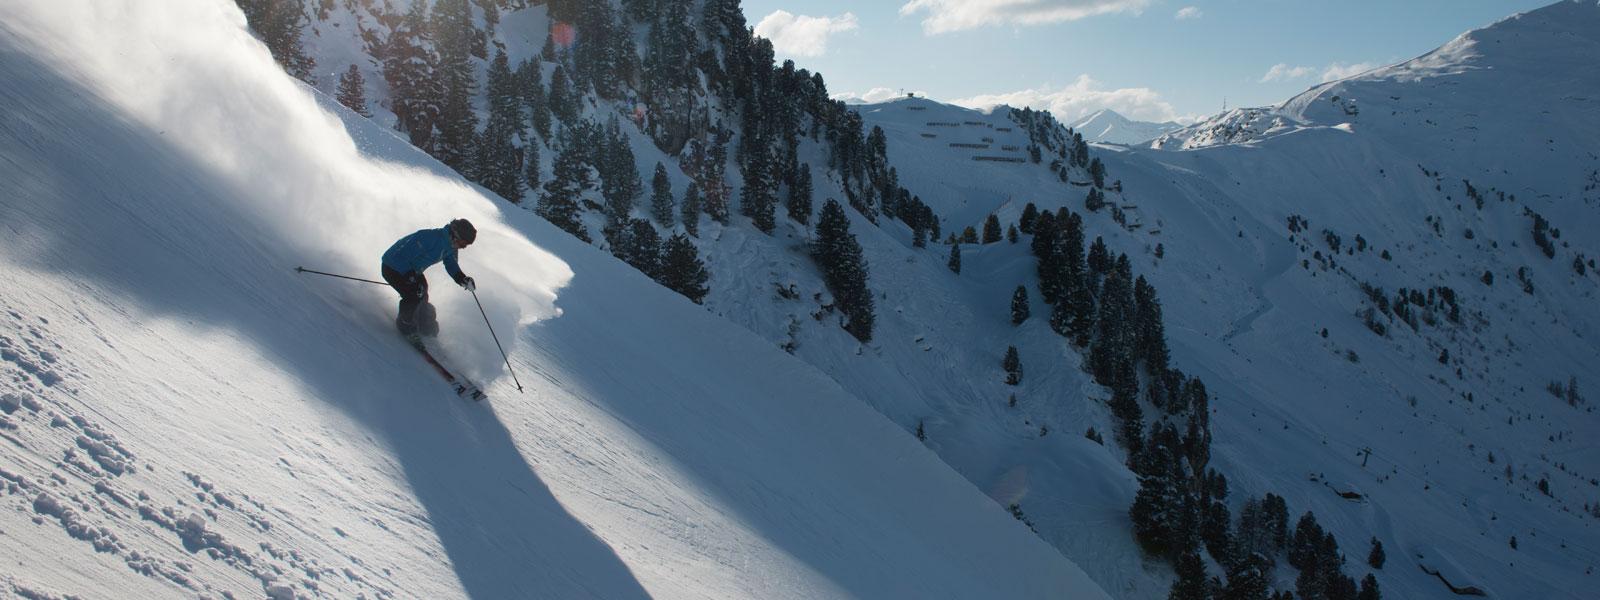 Если вы предпочитаете активный образ жизни и любите зимний отдых, стоит купить путевку в Австрию от Coral Travel. Ведь Австрия – одна из самых популярных стран с горнолыжными курортами: горы занимают большую ее территорию.